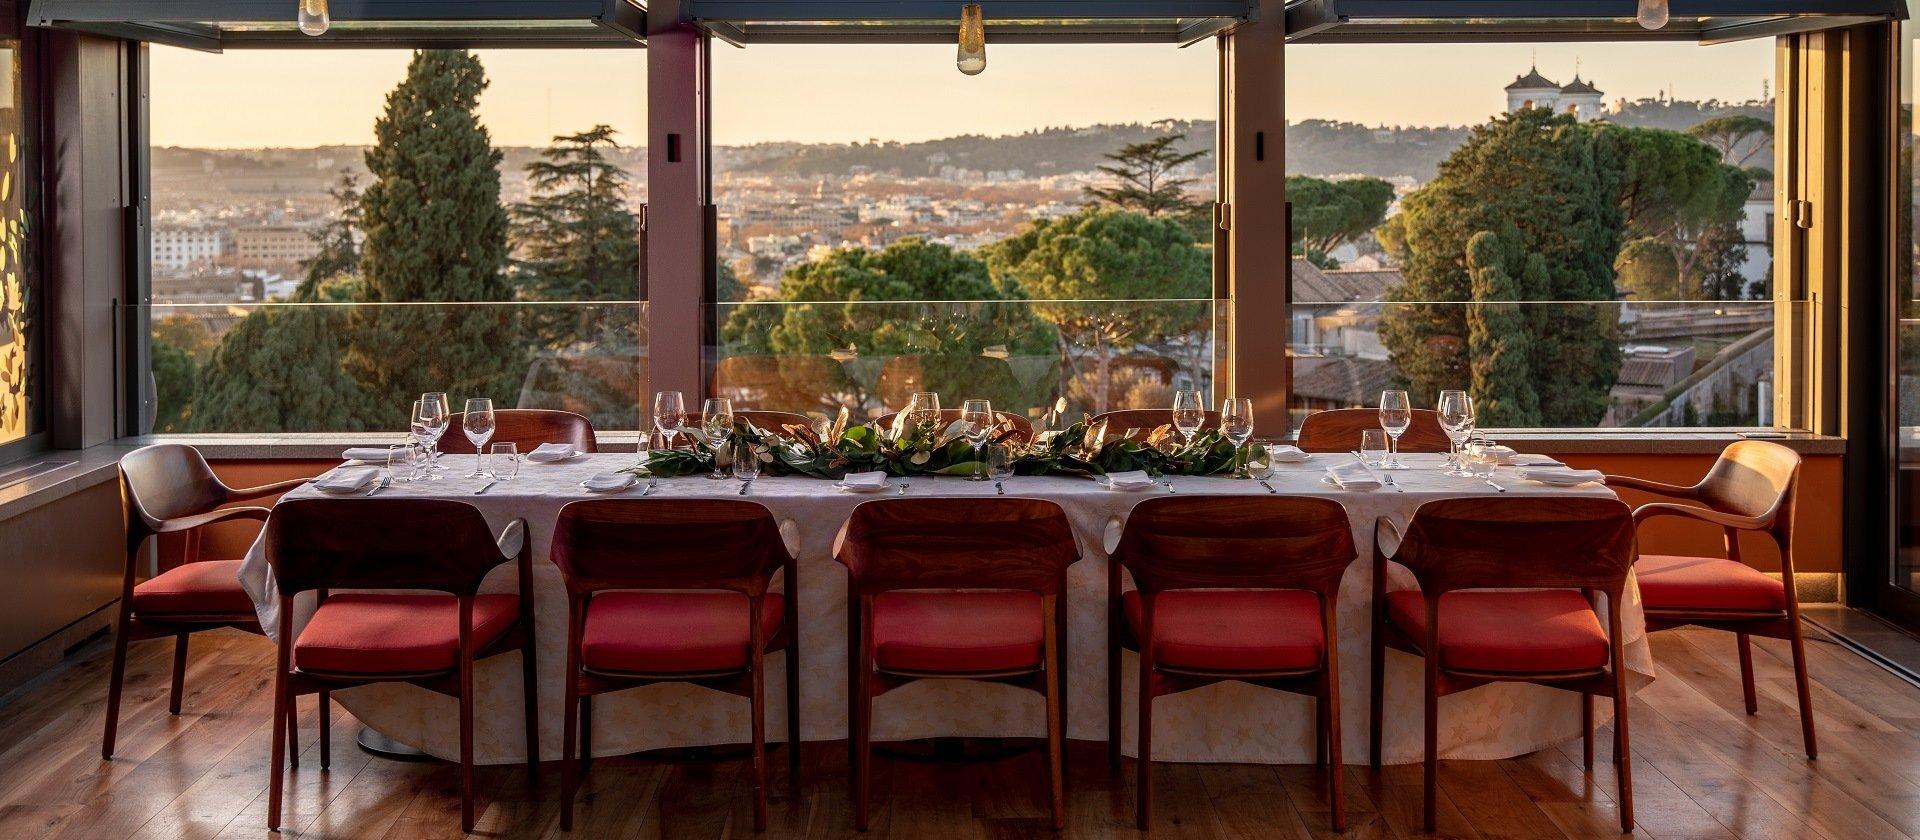 Table at the Il Giardino Ristorante at Hotel Eden Rome